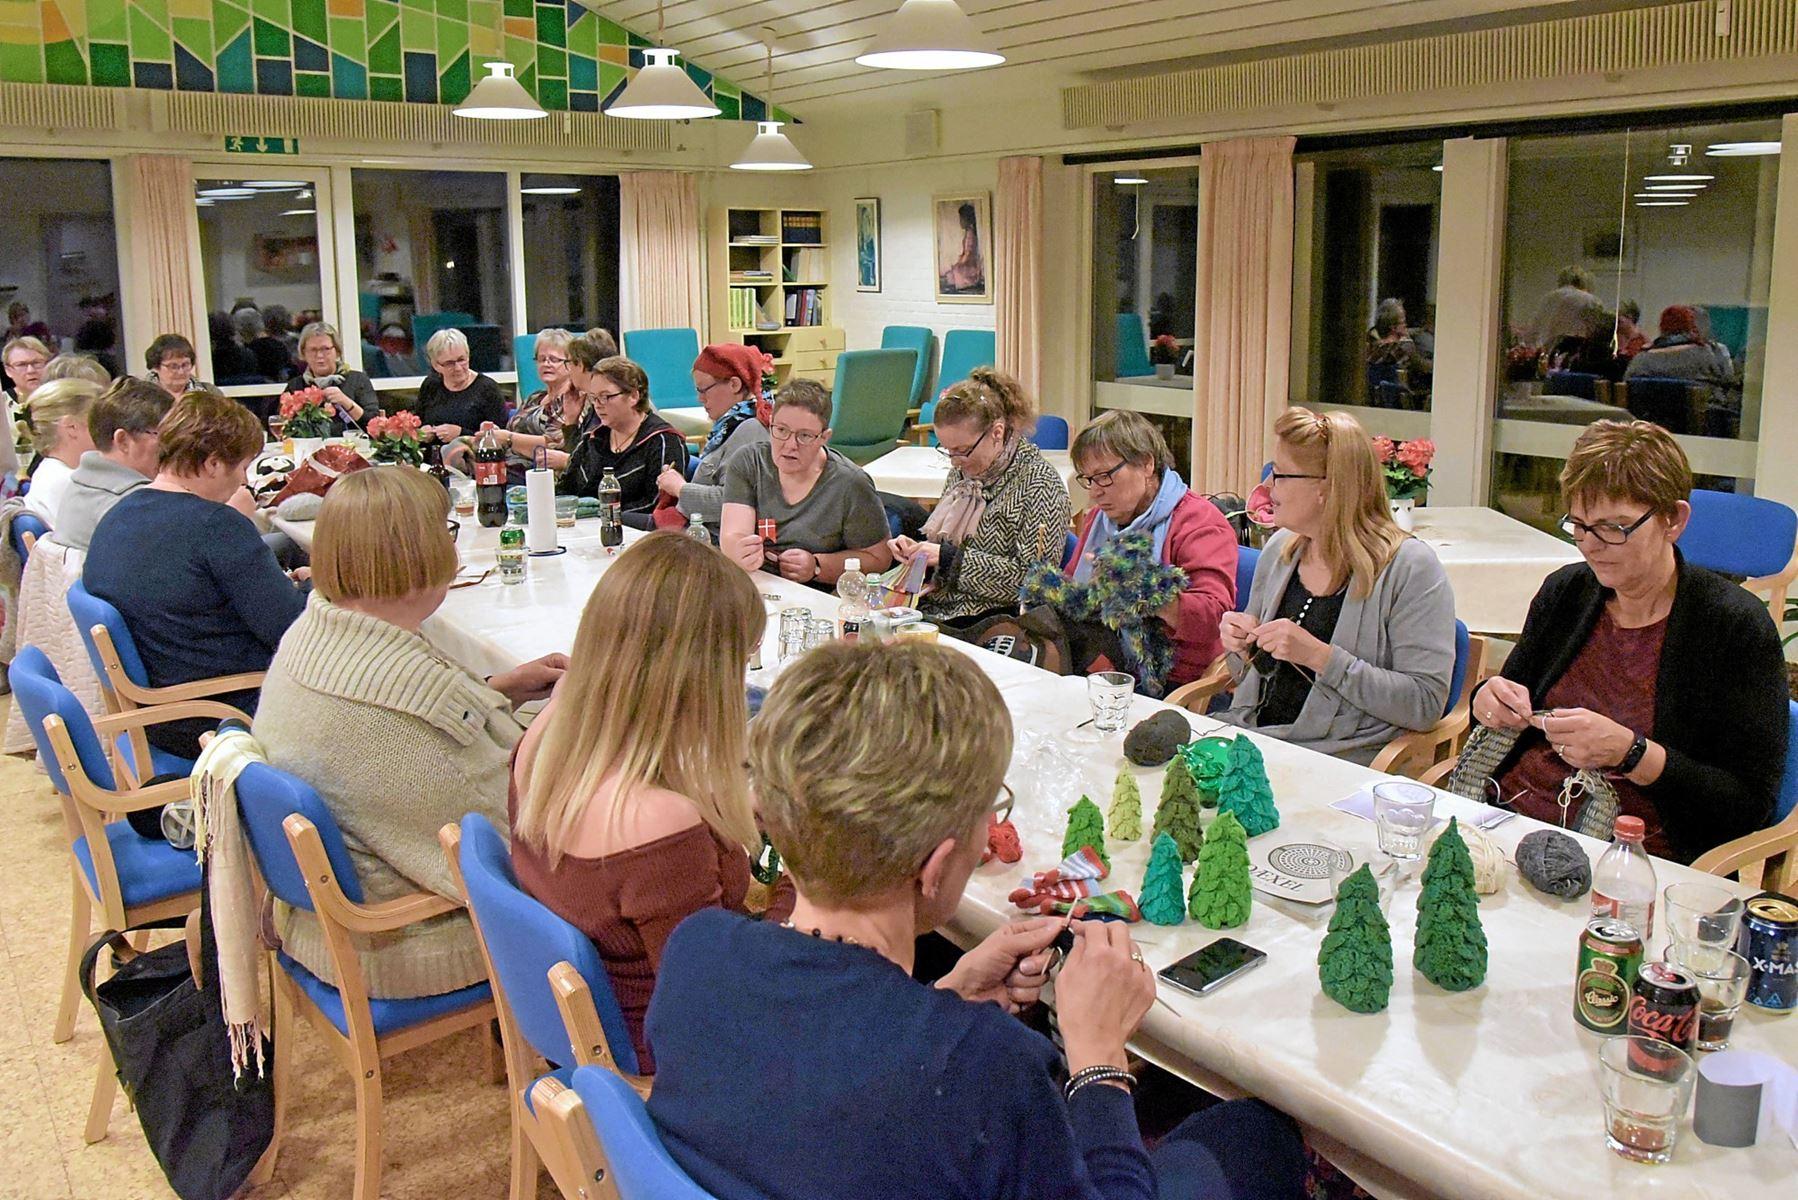 BoVendia har sat ældreboligerne Vestergården i Lendum til salg - det kan spare kommunen for udgifter